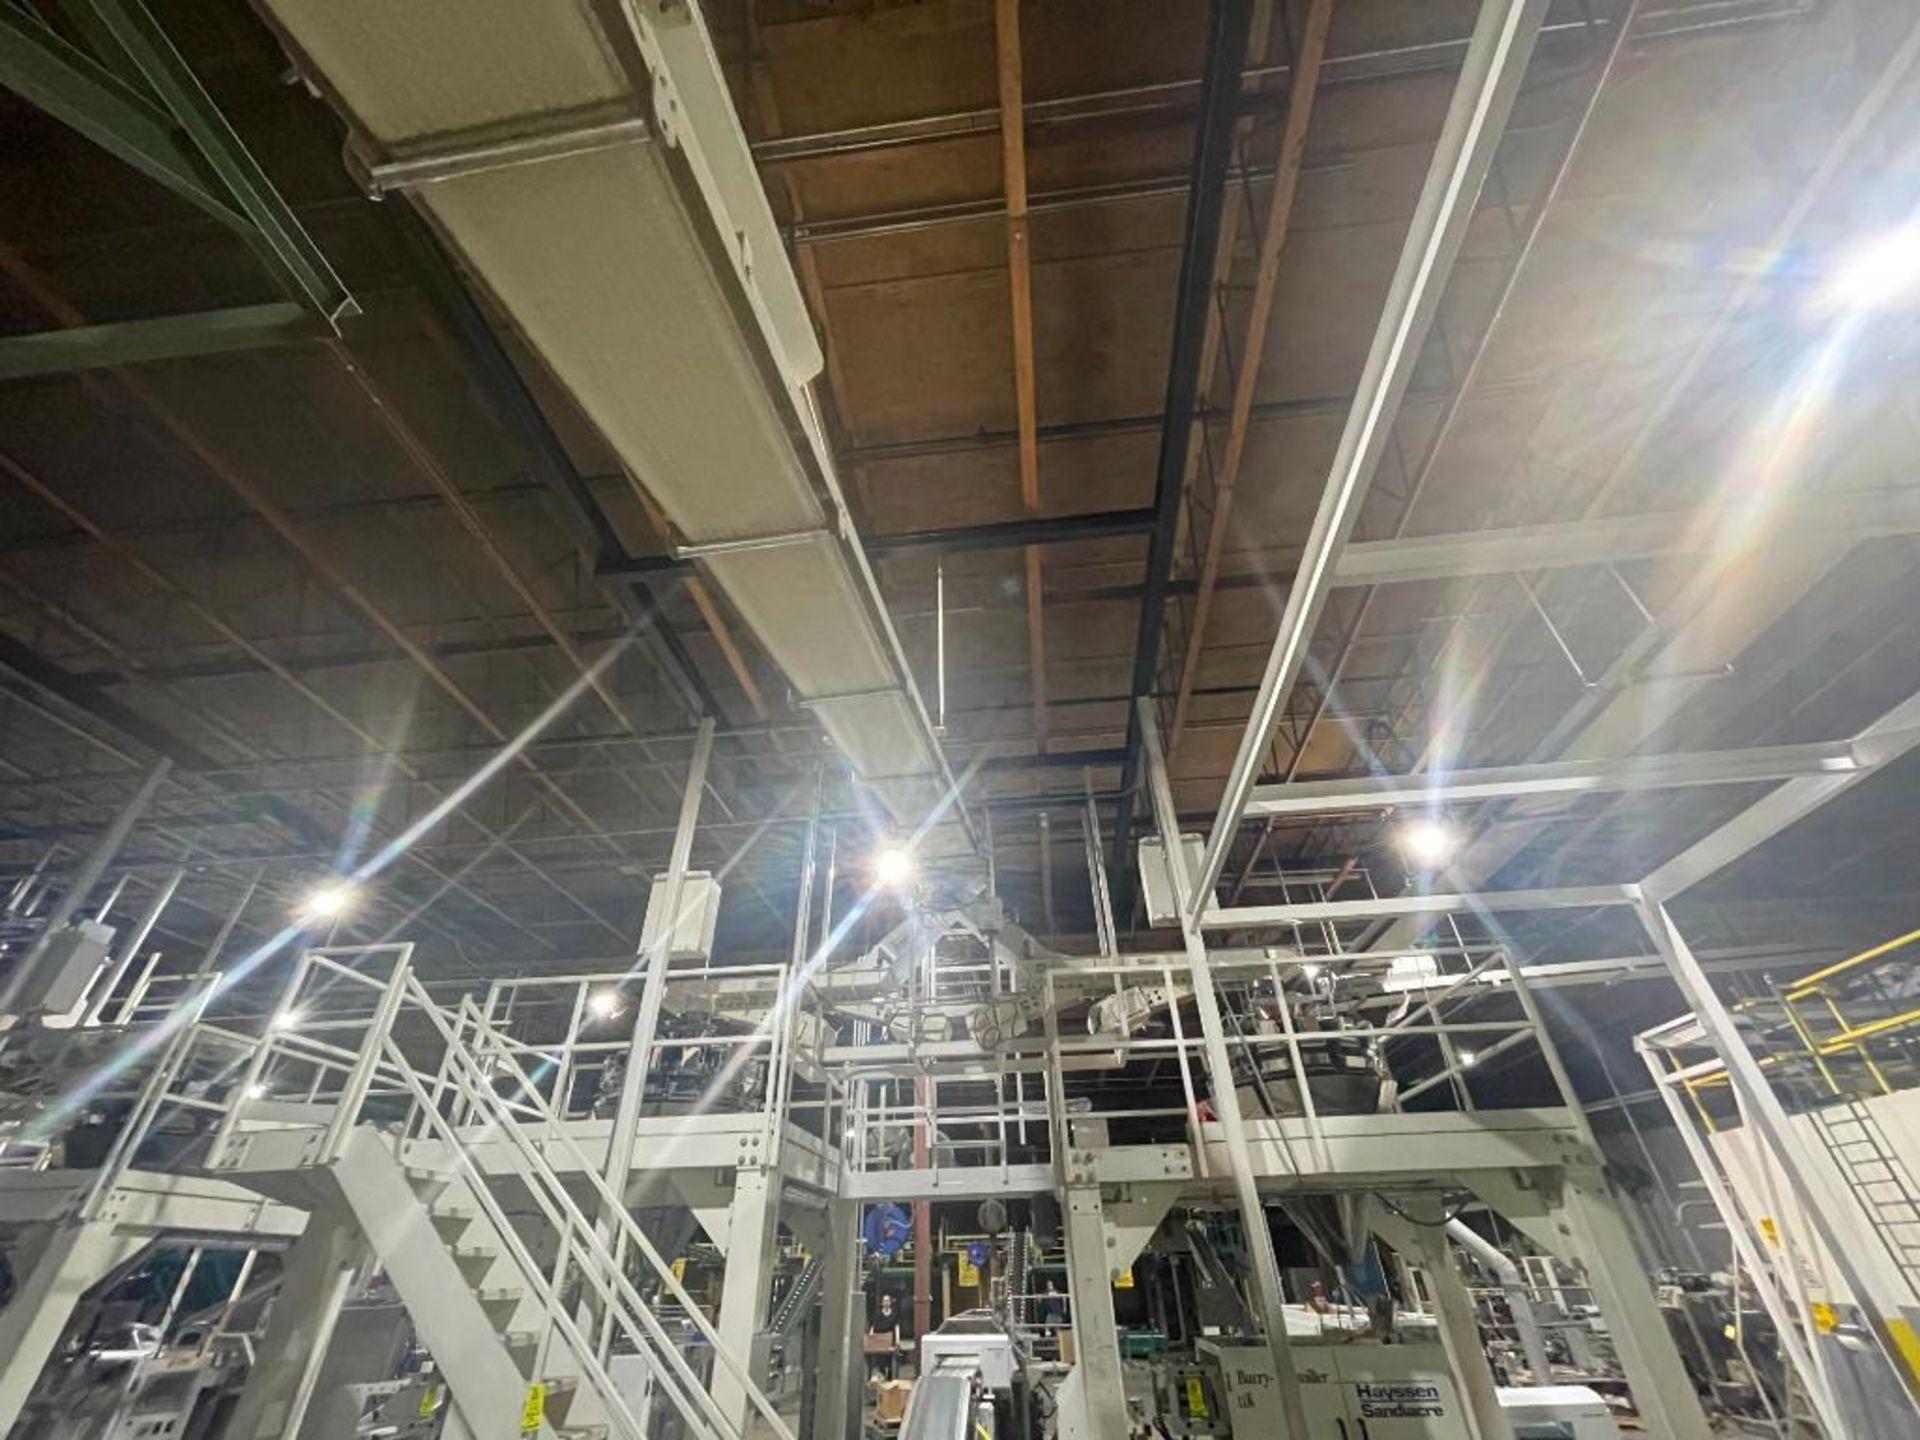 mild steel overhead belt conveyor - Image 3 of 8